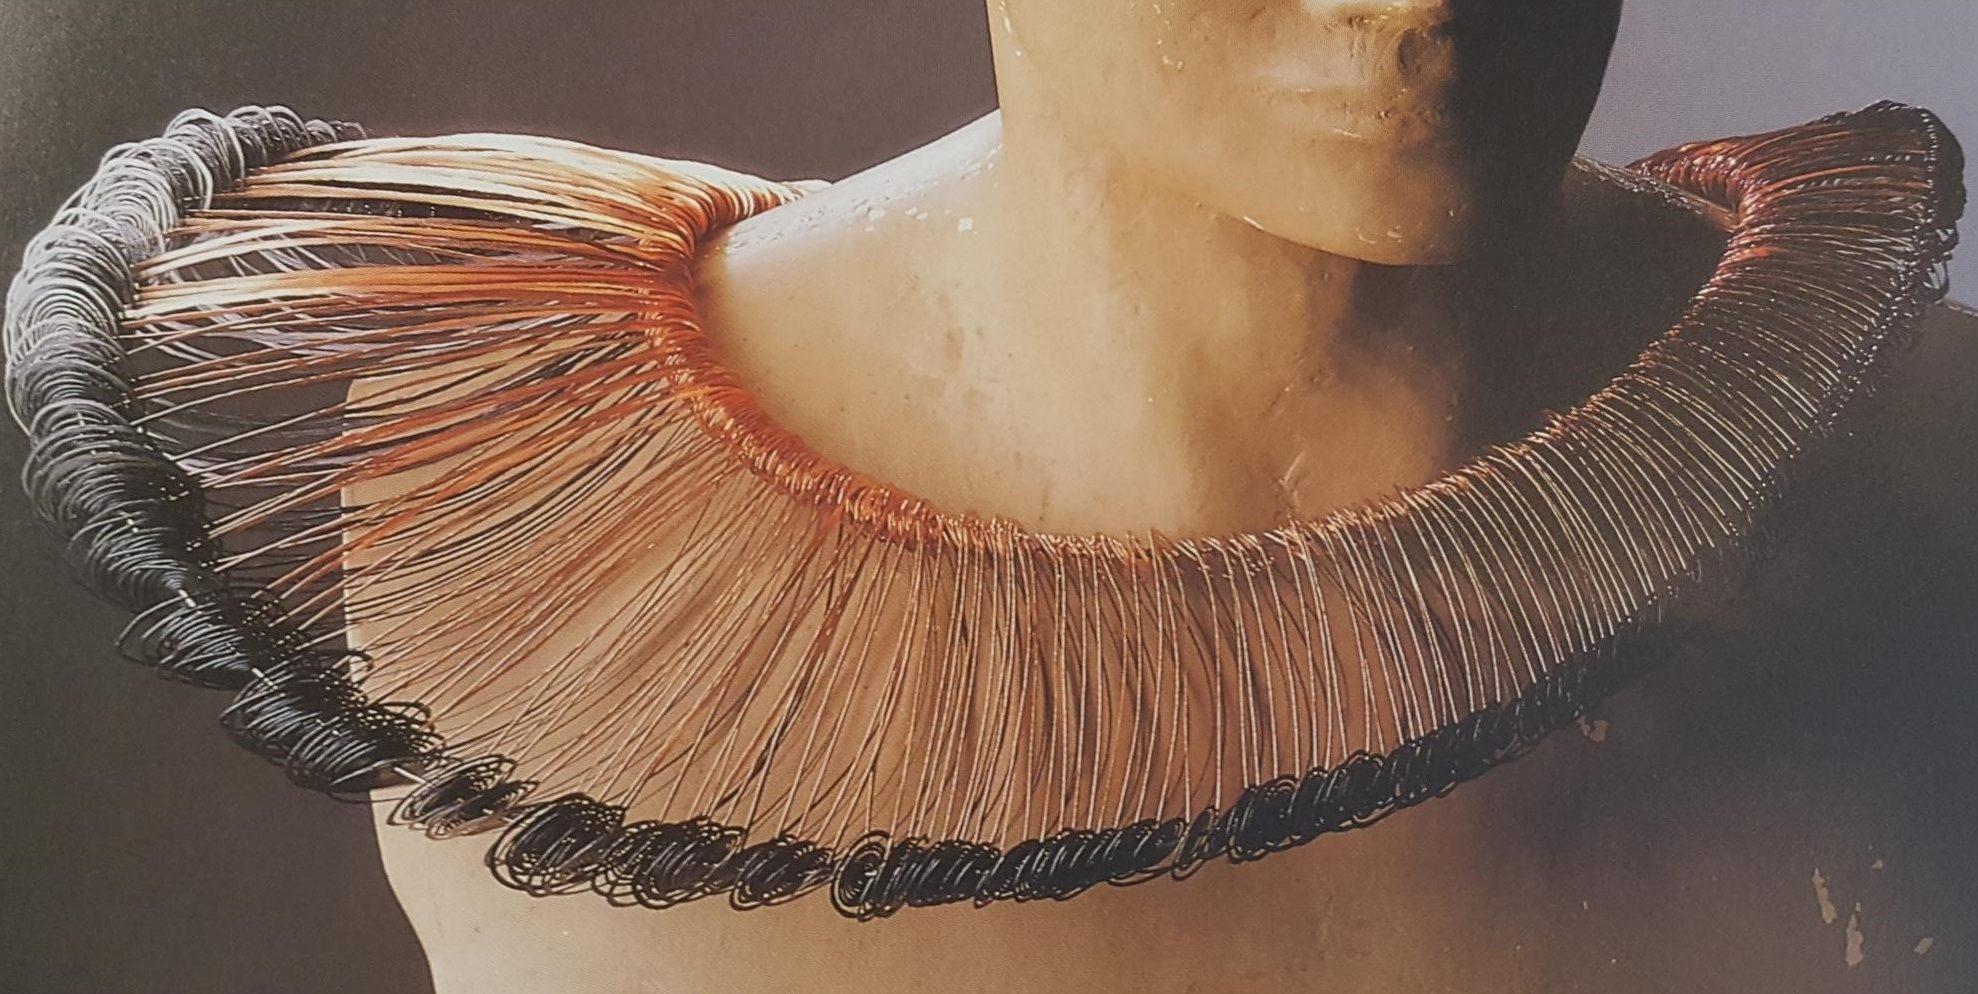 Laura Bakker, halssieraad. Sieraad en Mode - tien jaar Galerie Beeld & Aambeeld, 1989. Foto Galerie Beeld & Aambeeld, ijzer, koper